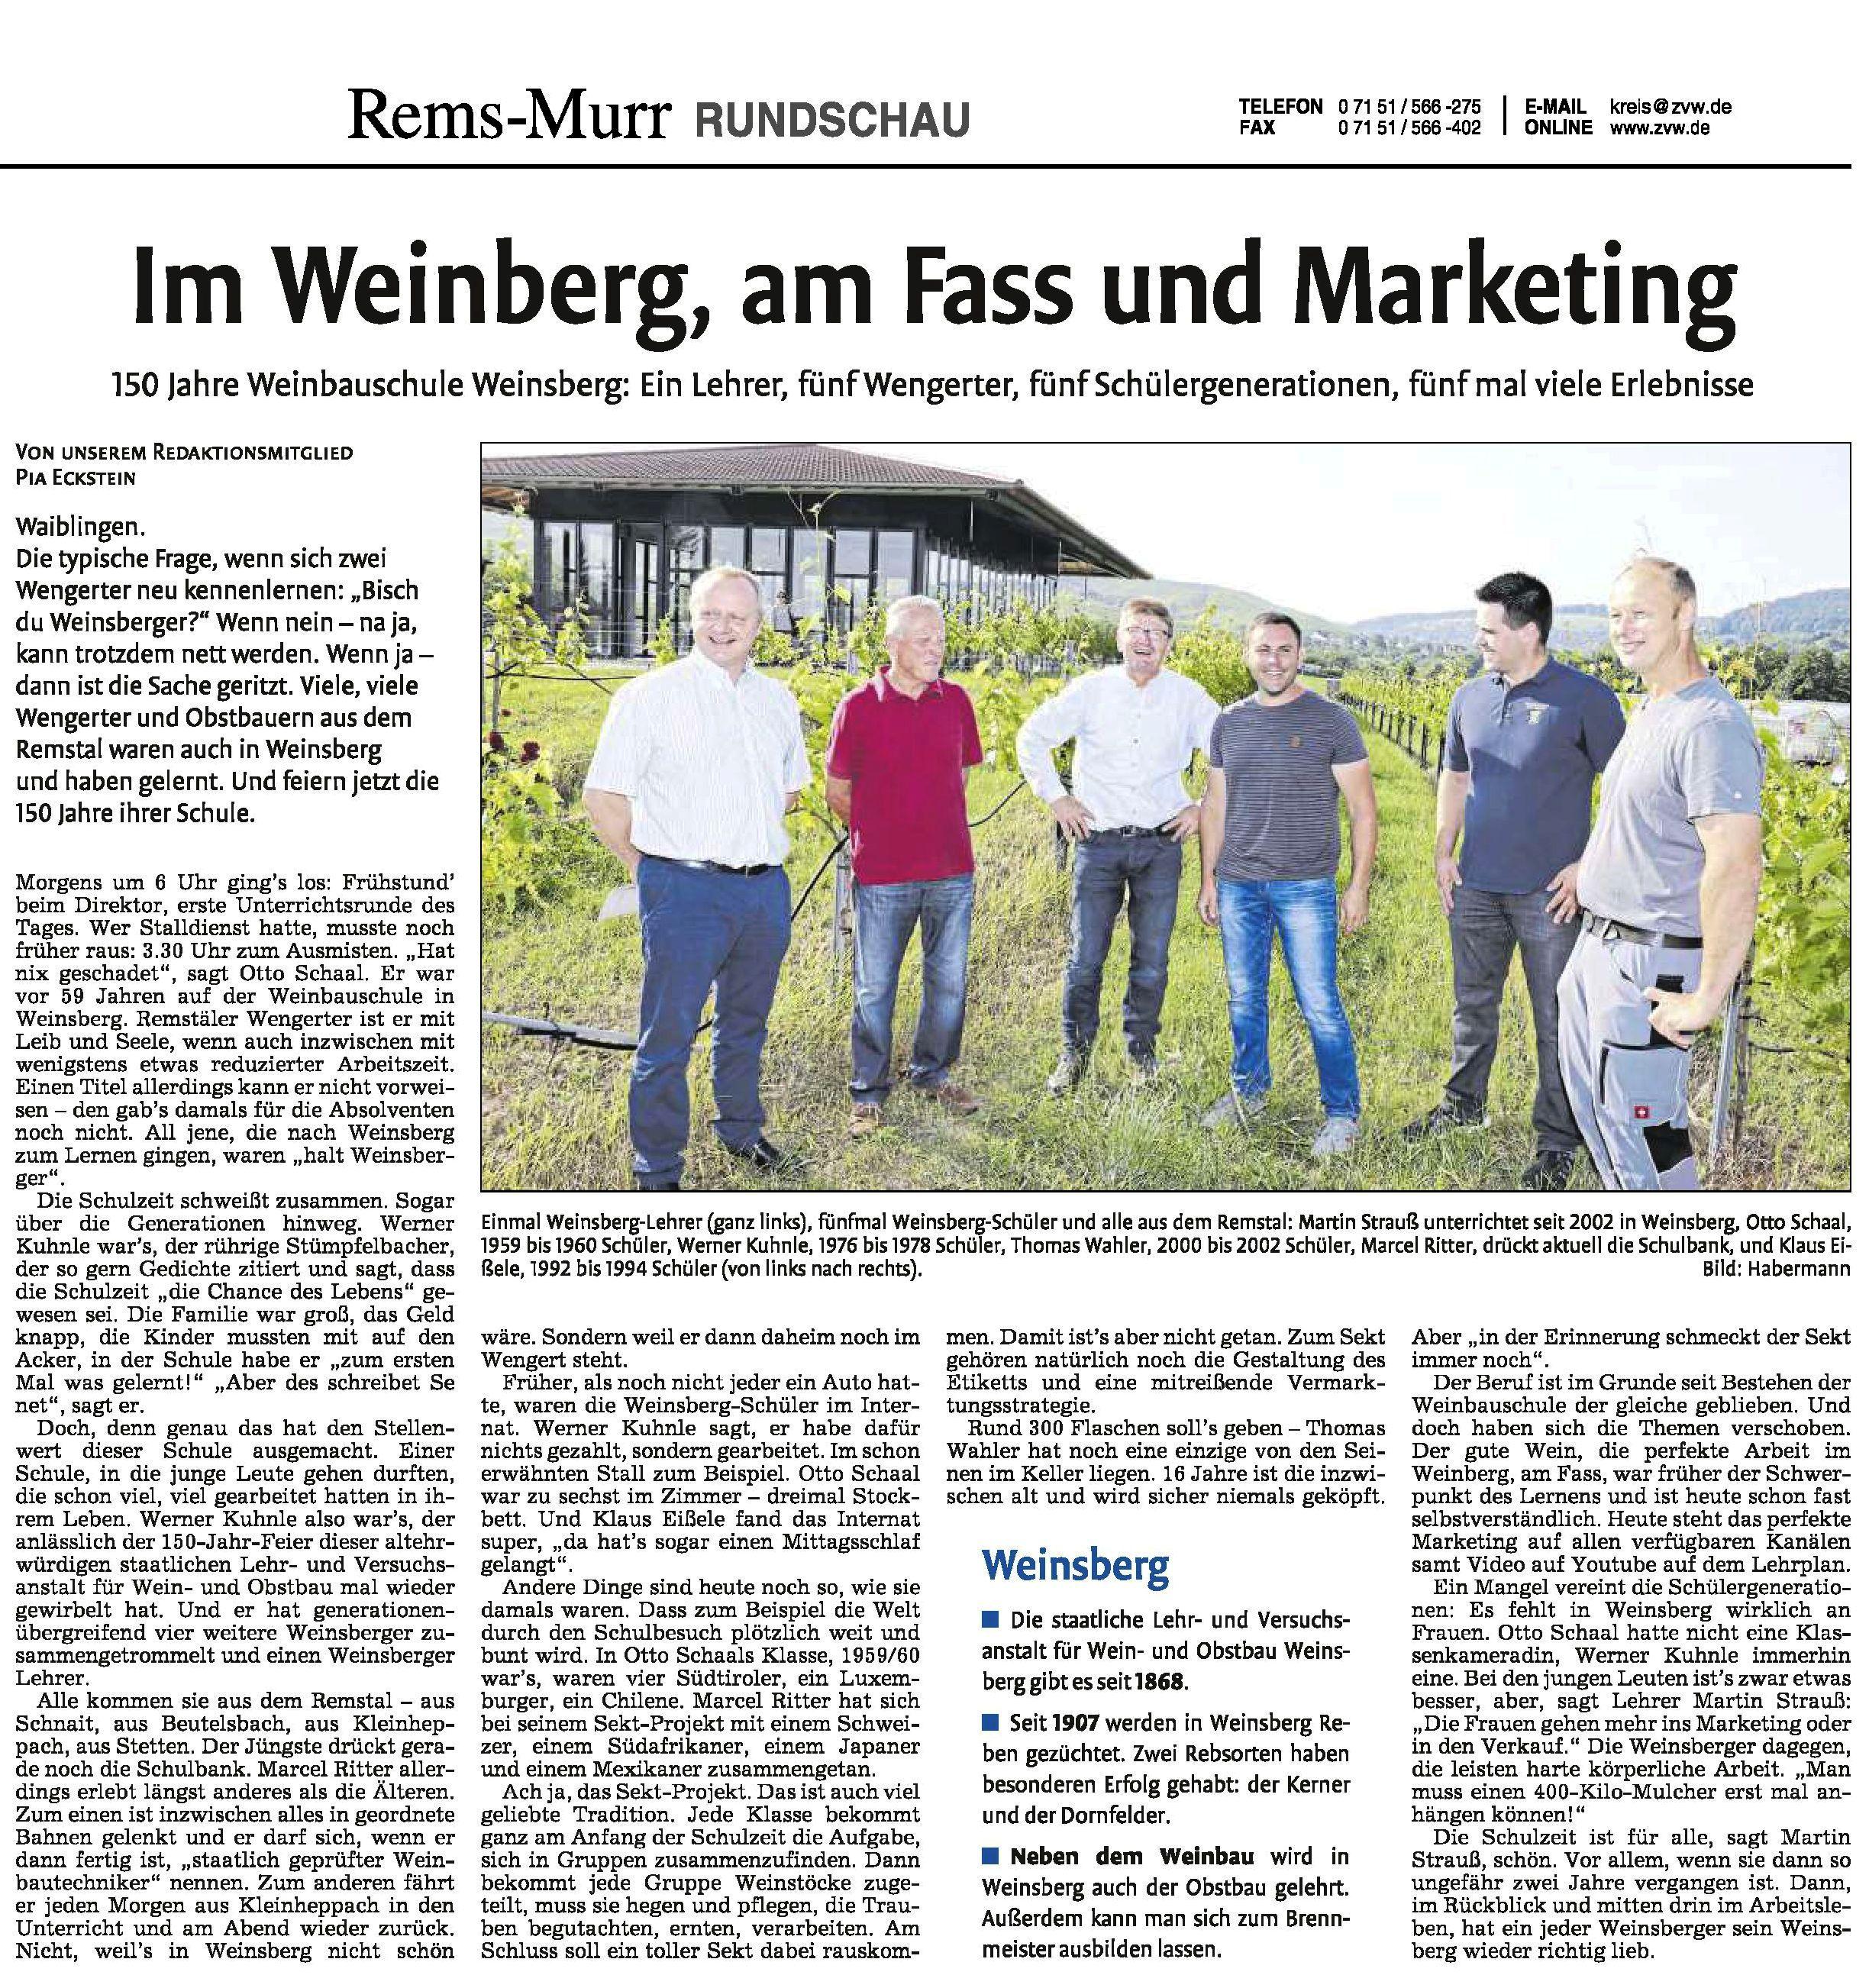 <?=Im Weinberg, am Fass und Marketing?>